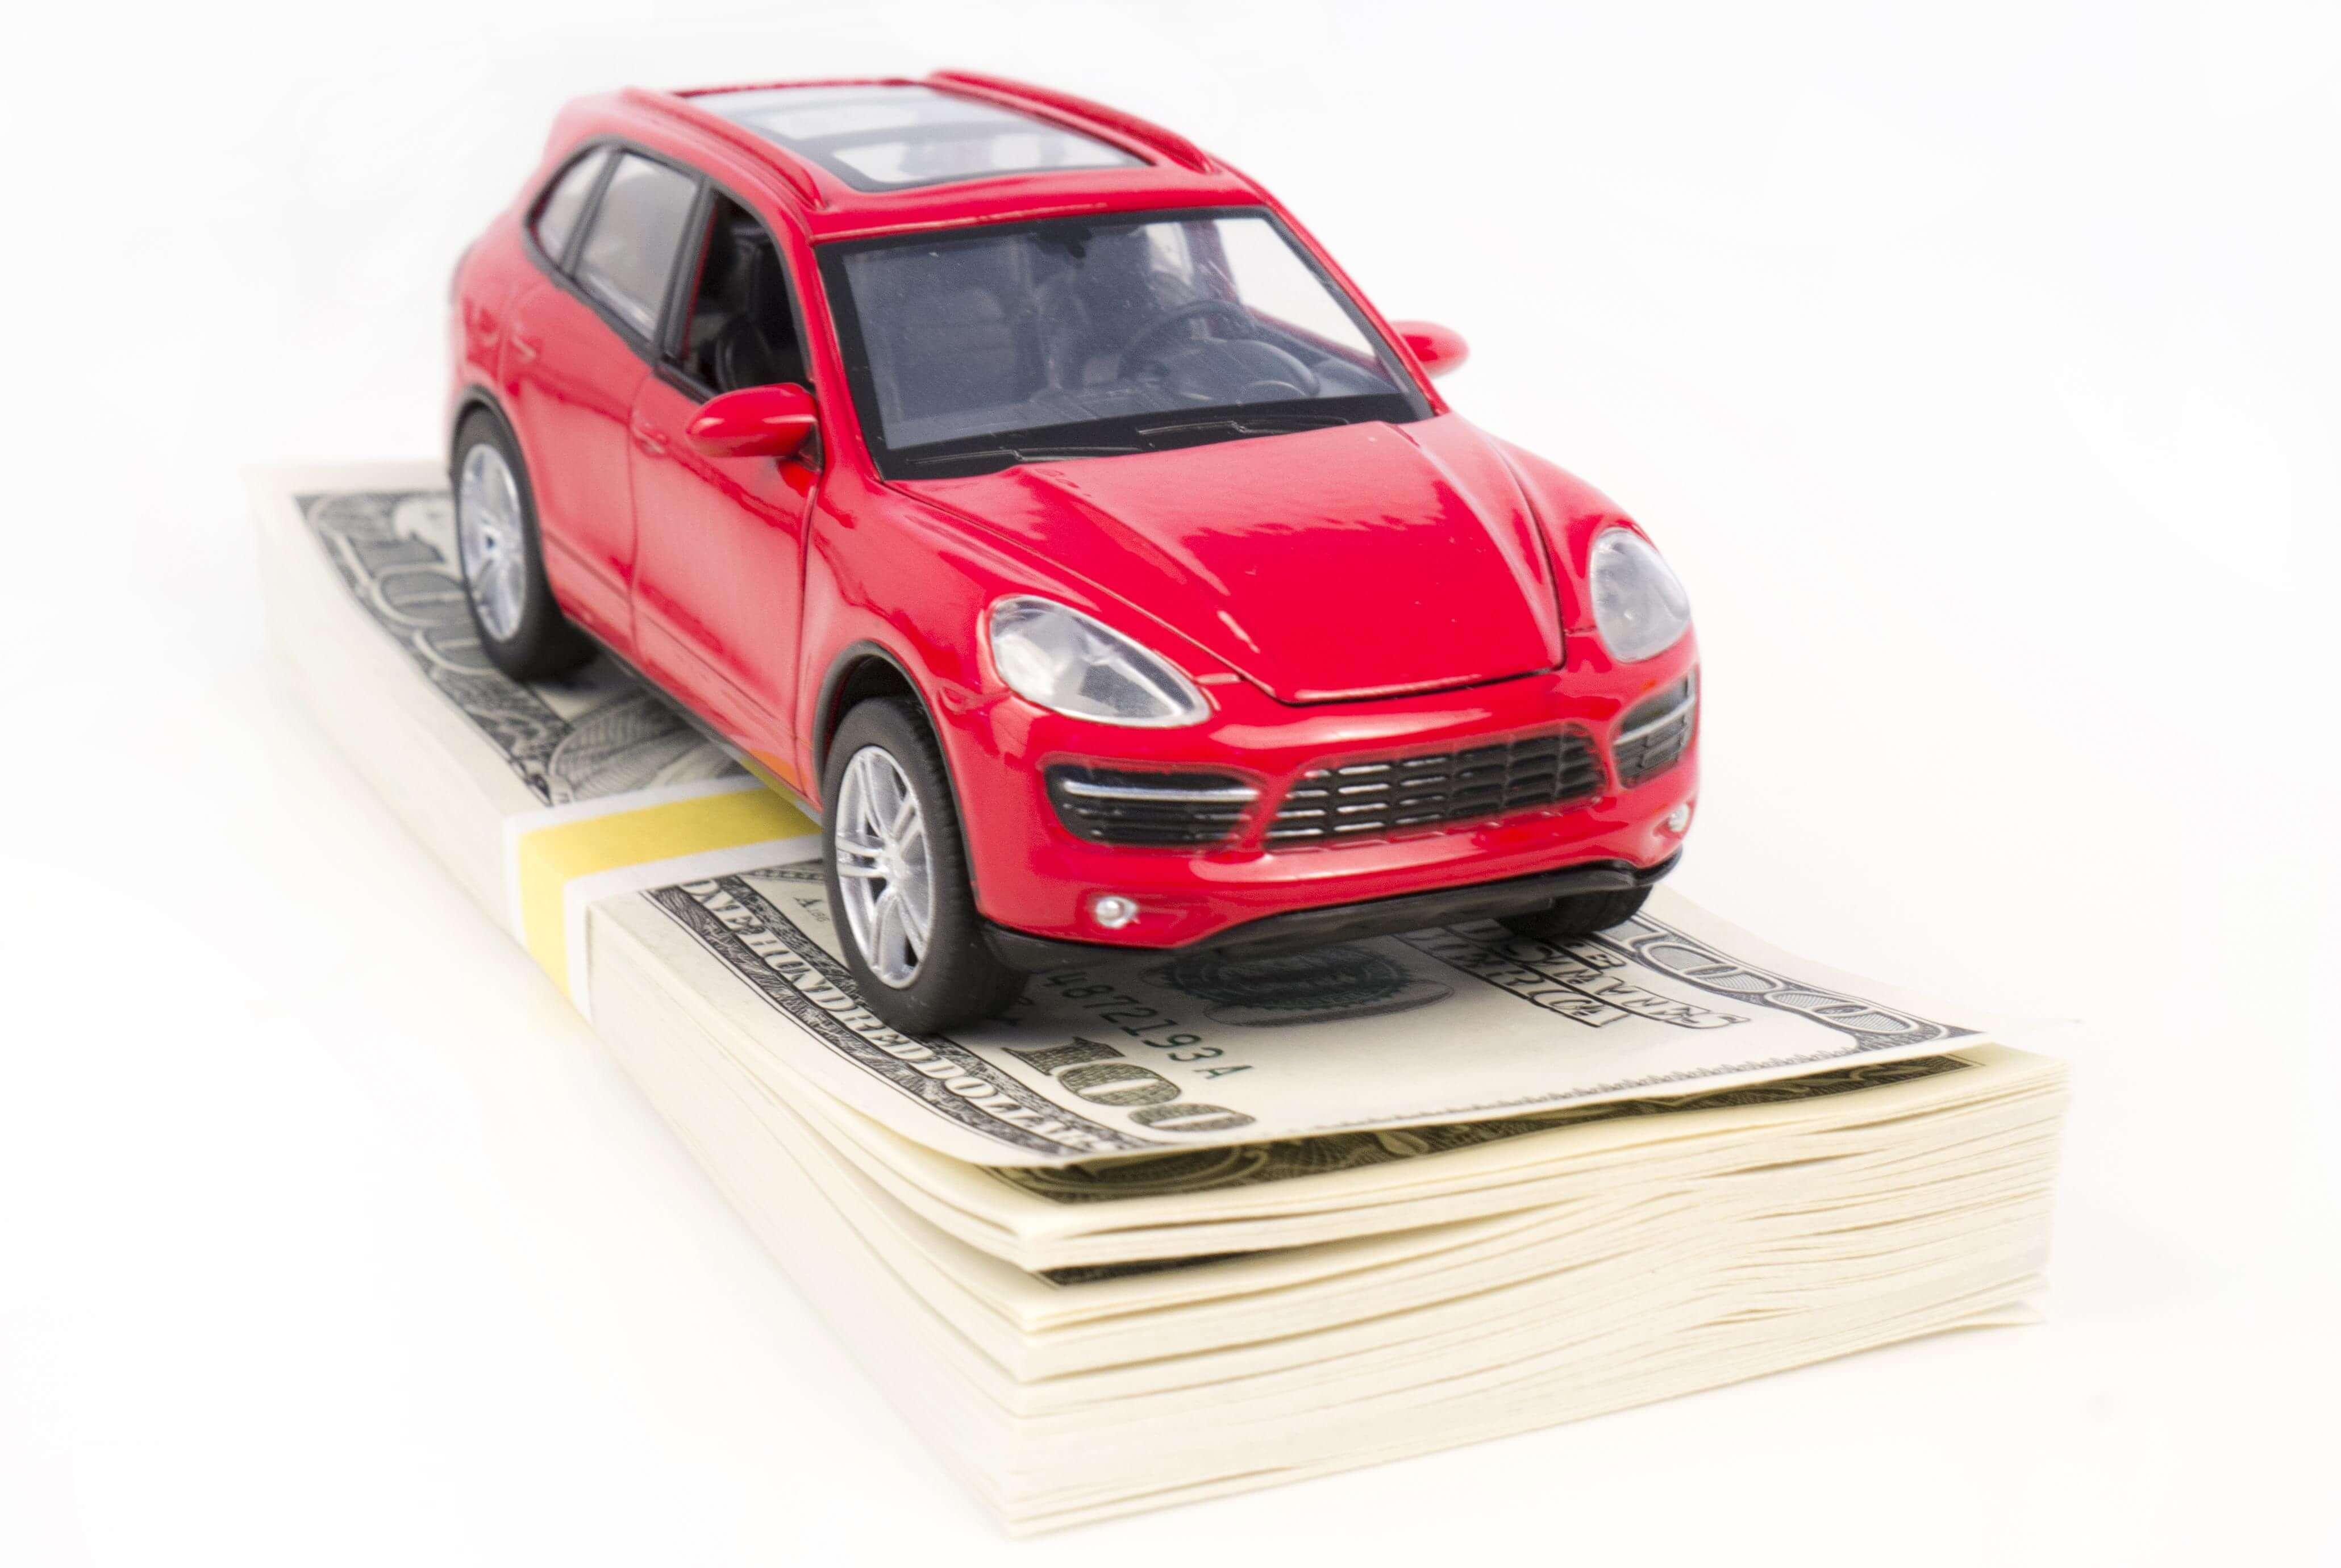 КАСКО от угона цена и варианты страховок: тарифы и расчет, а также основные преимущества и как происходят выплаты